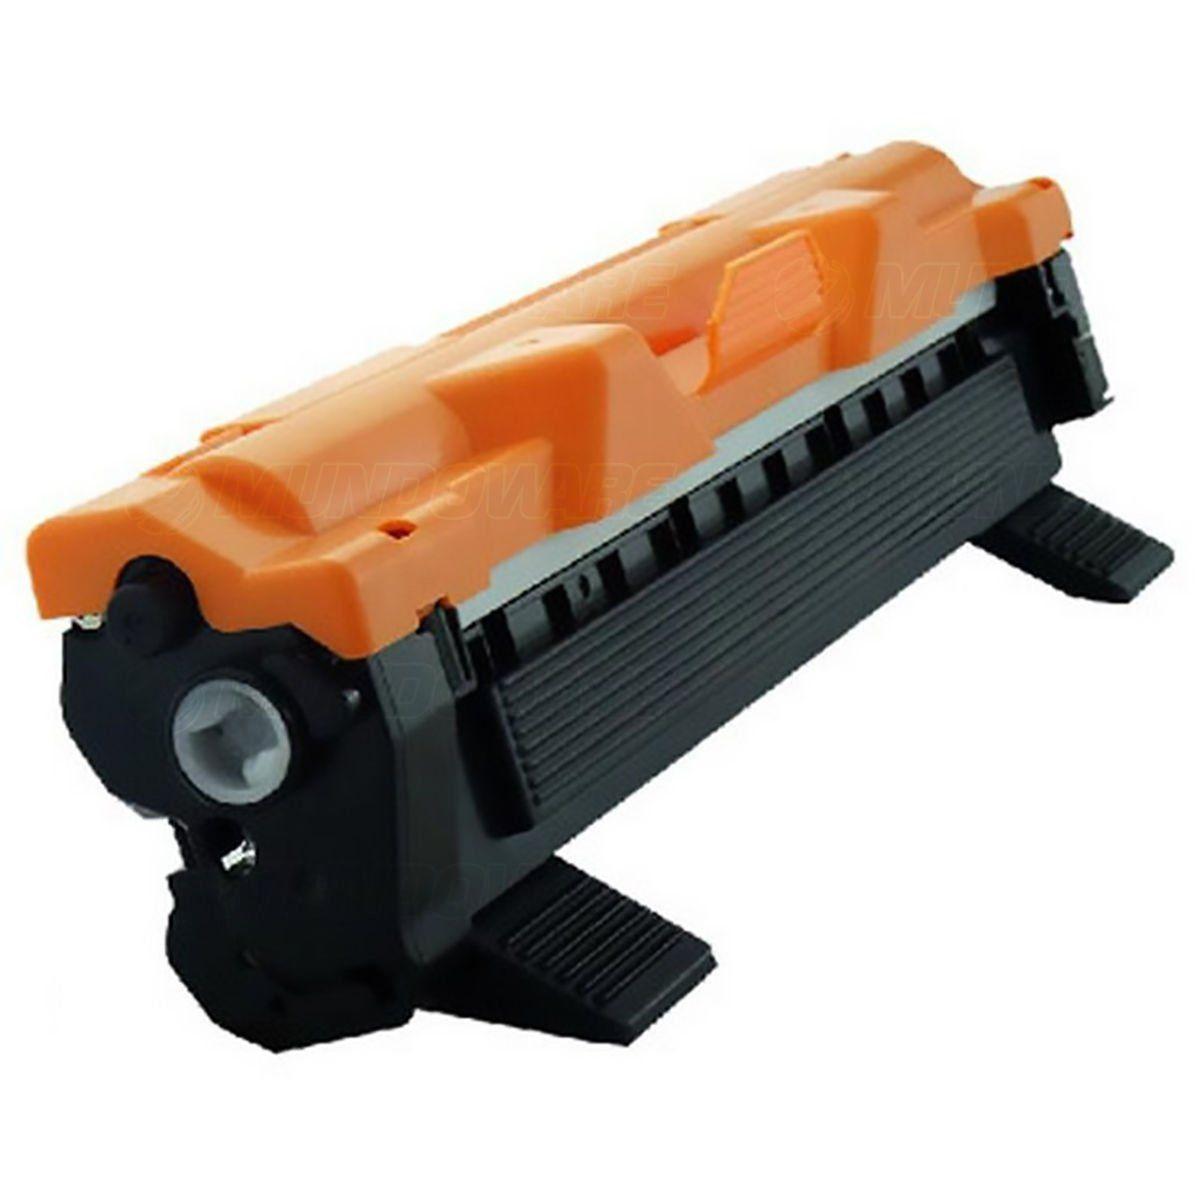 Compatível: Toner para Brother HL-1212w HL-1212 HL-1202 HL-1210w HL1212w HL1212 HL1202 HL1210w HL1210 / Preto / 1.000